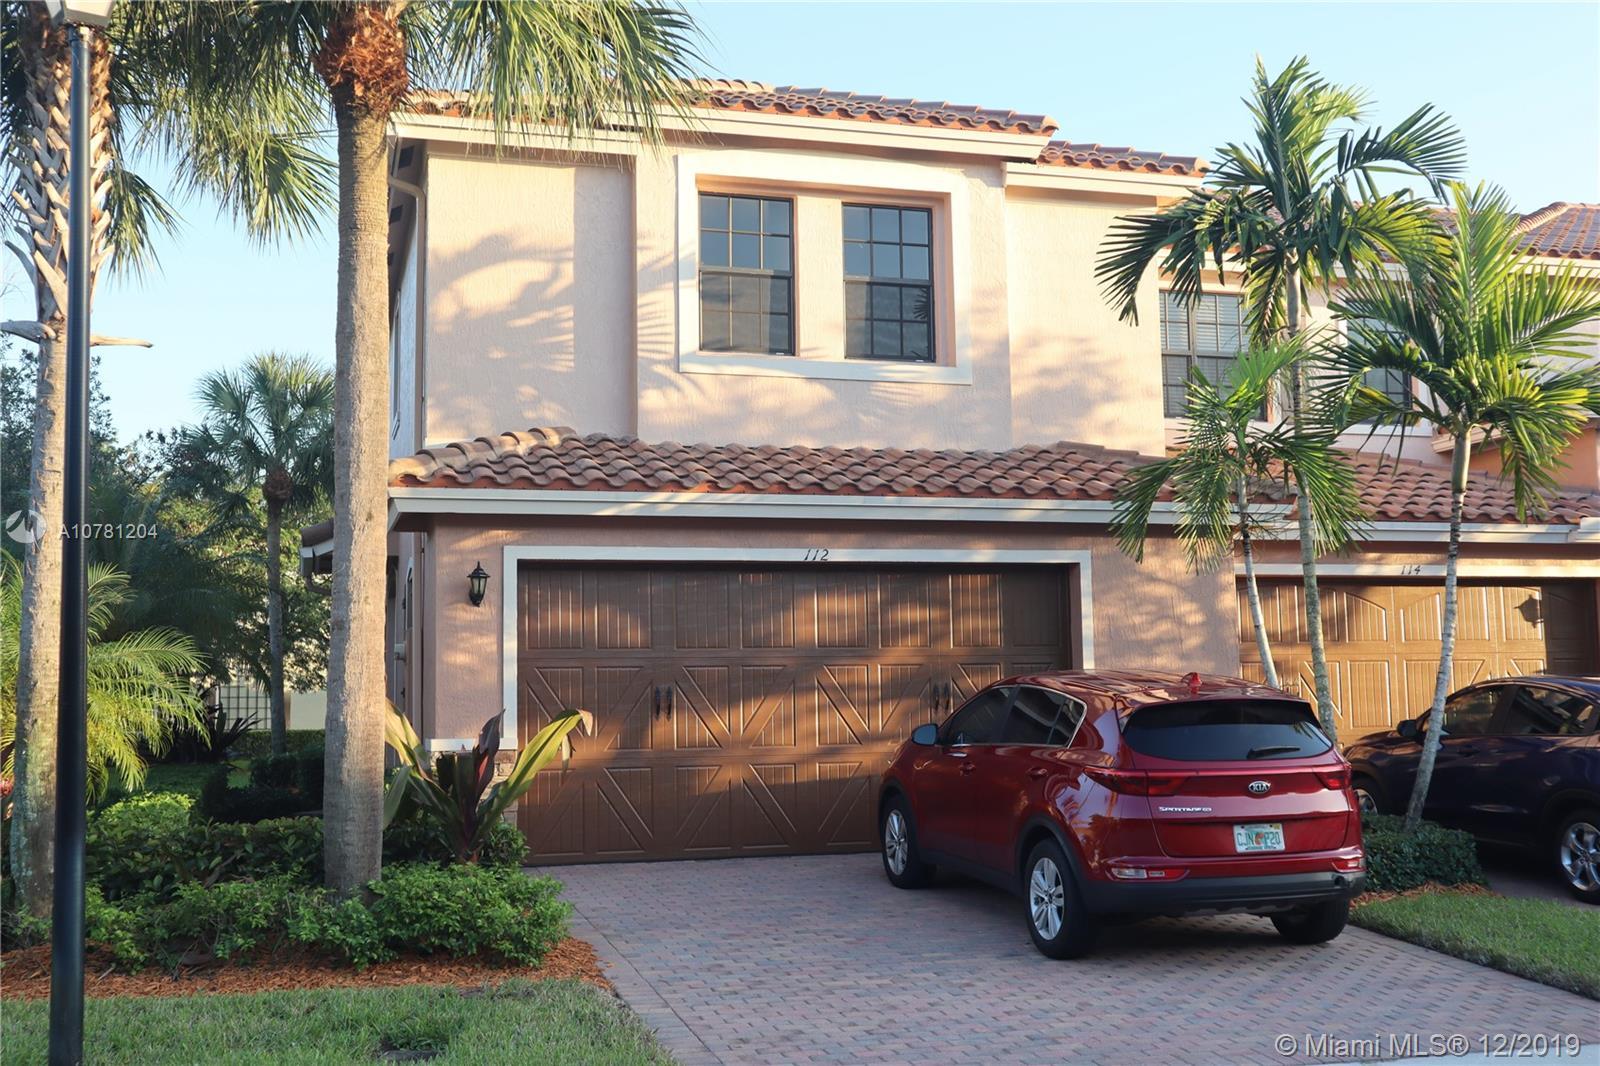 112 W Riverwalk Cir W  For Sale A10781204, FL